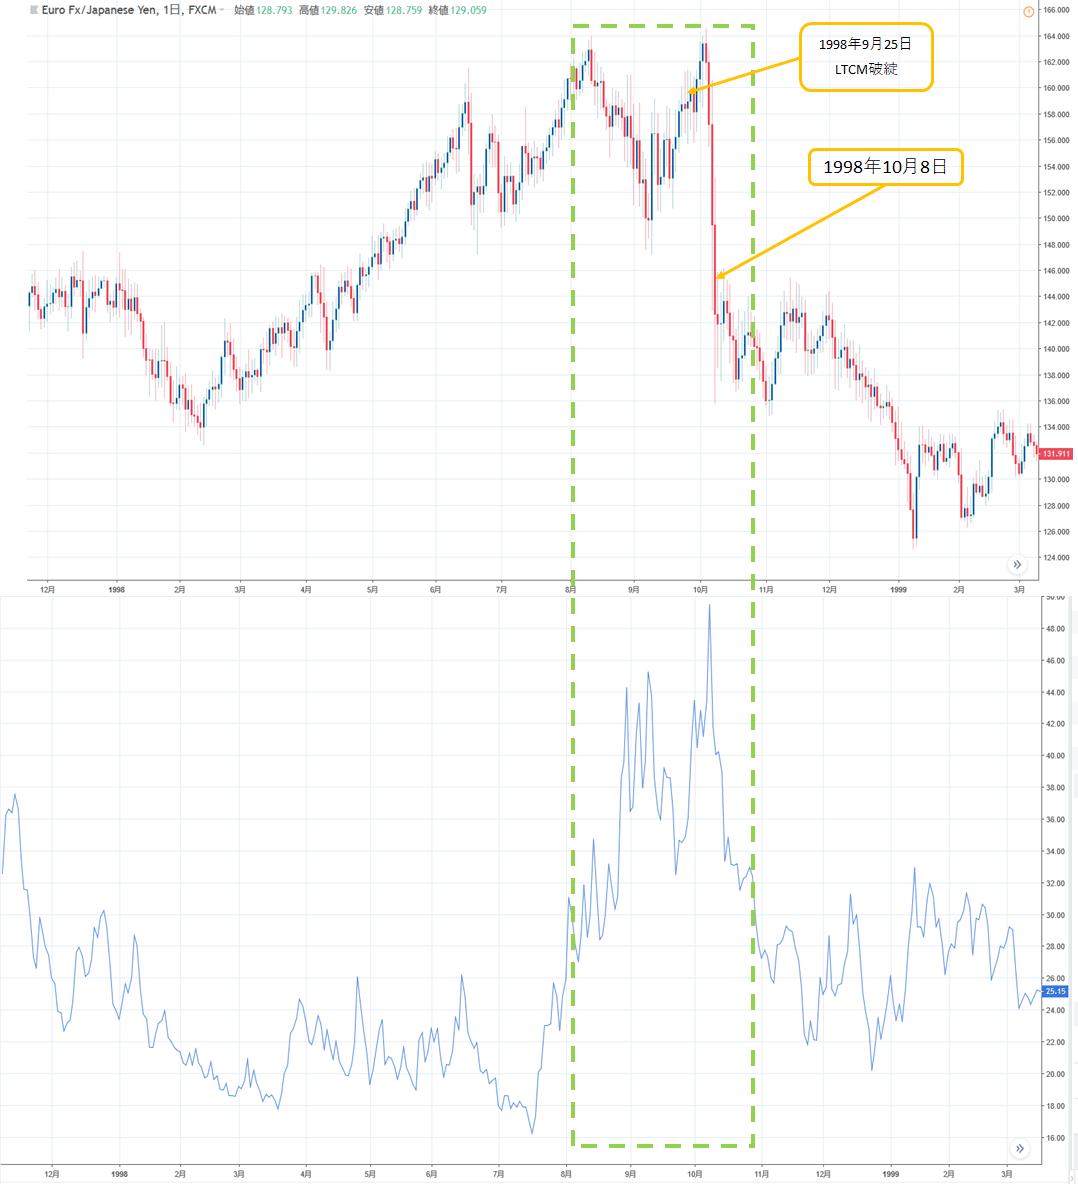 ユーロ円とVIX 日足